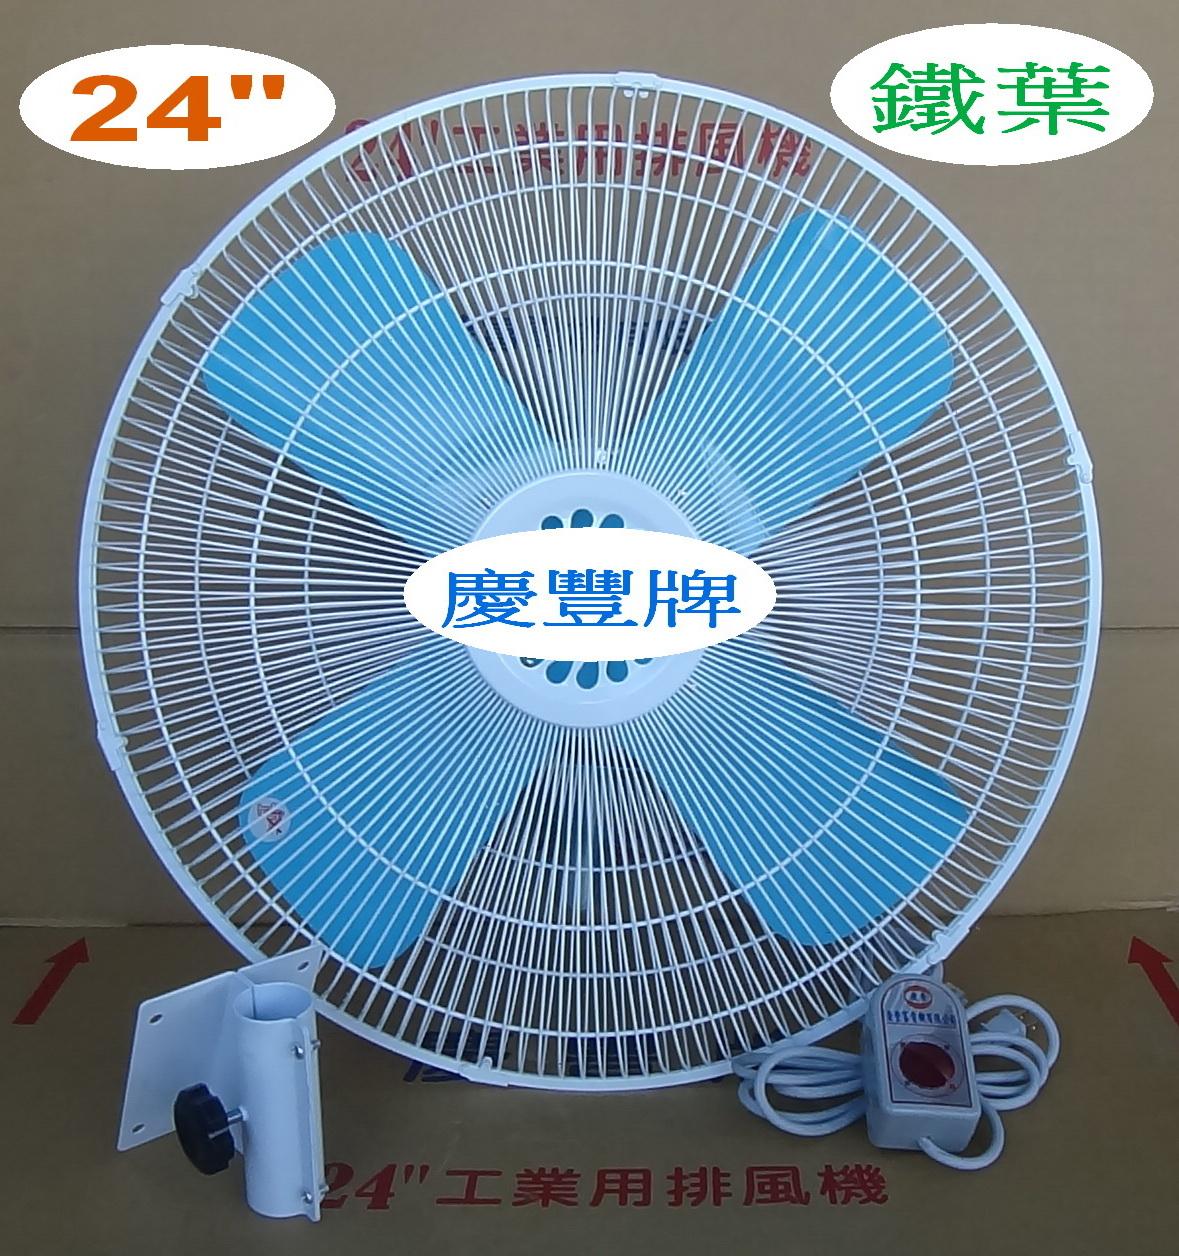 24吋 固定式 強風一速 工業壁扇【鋁殼馬達】4葉鐵葉慶豐牌 CF-2416D